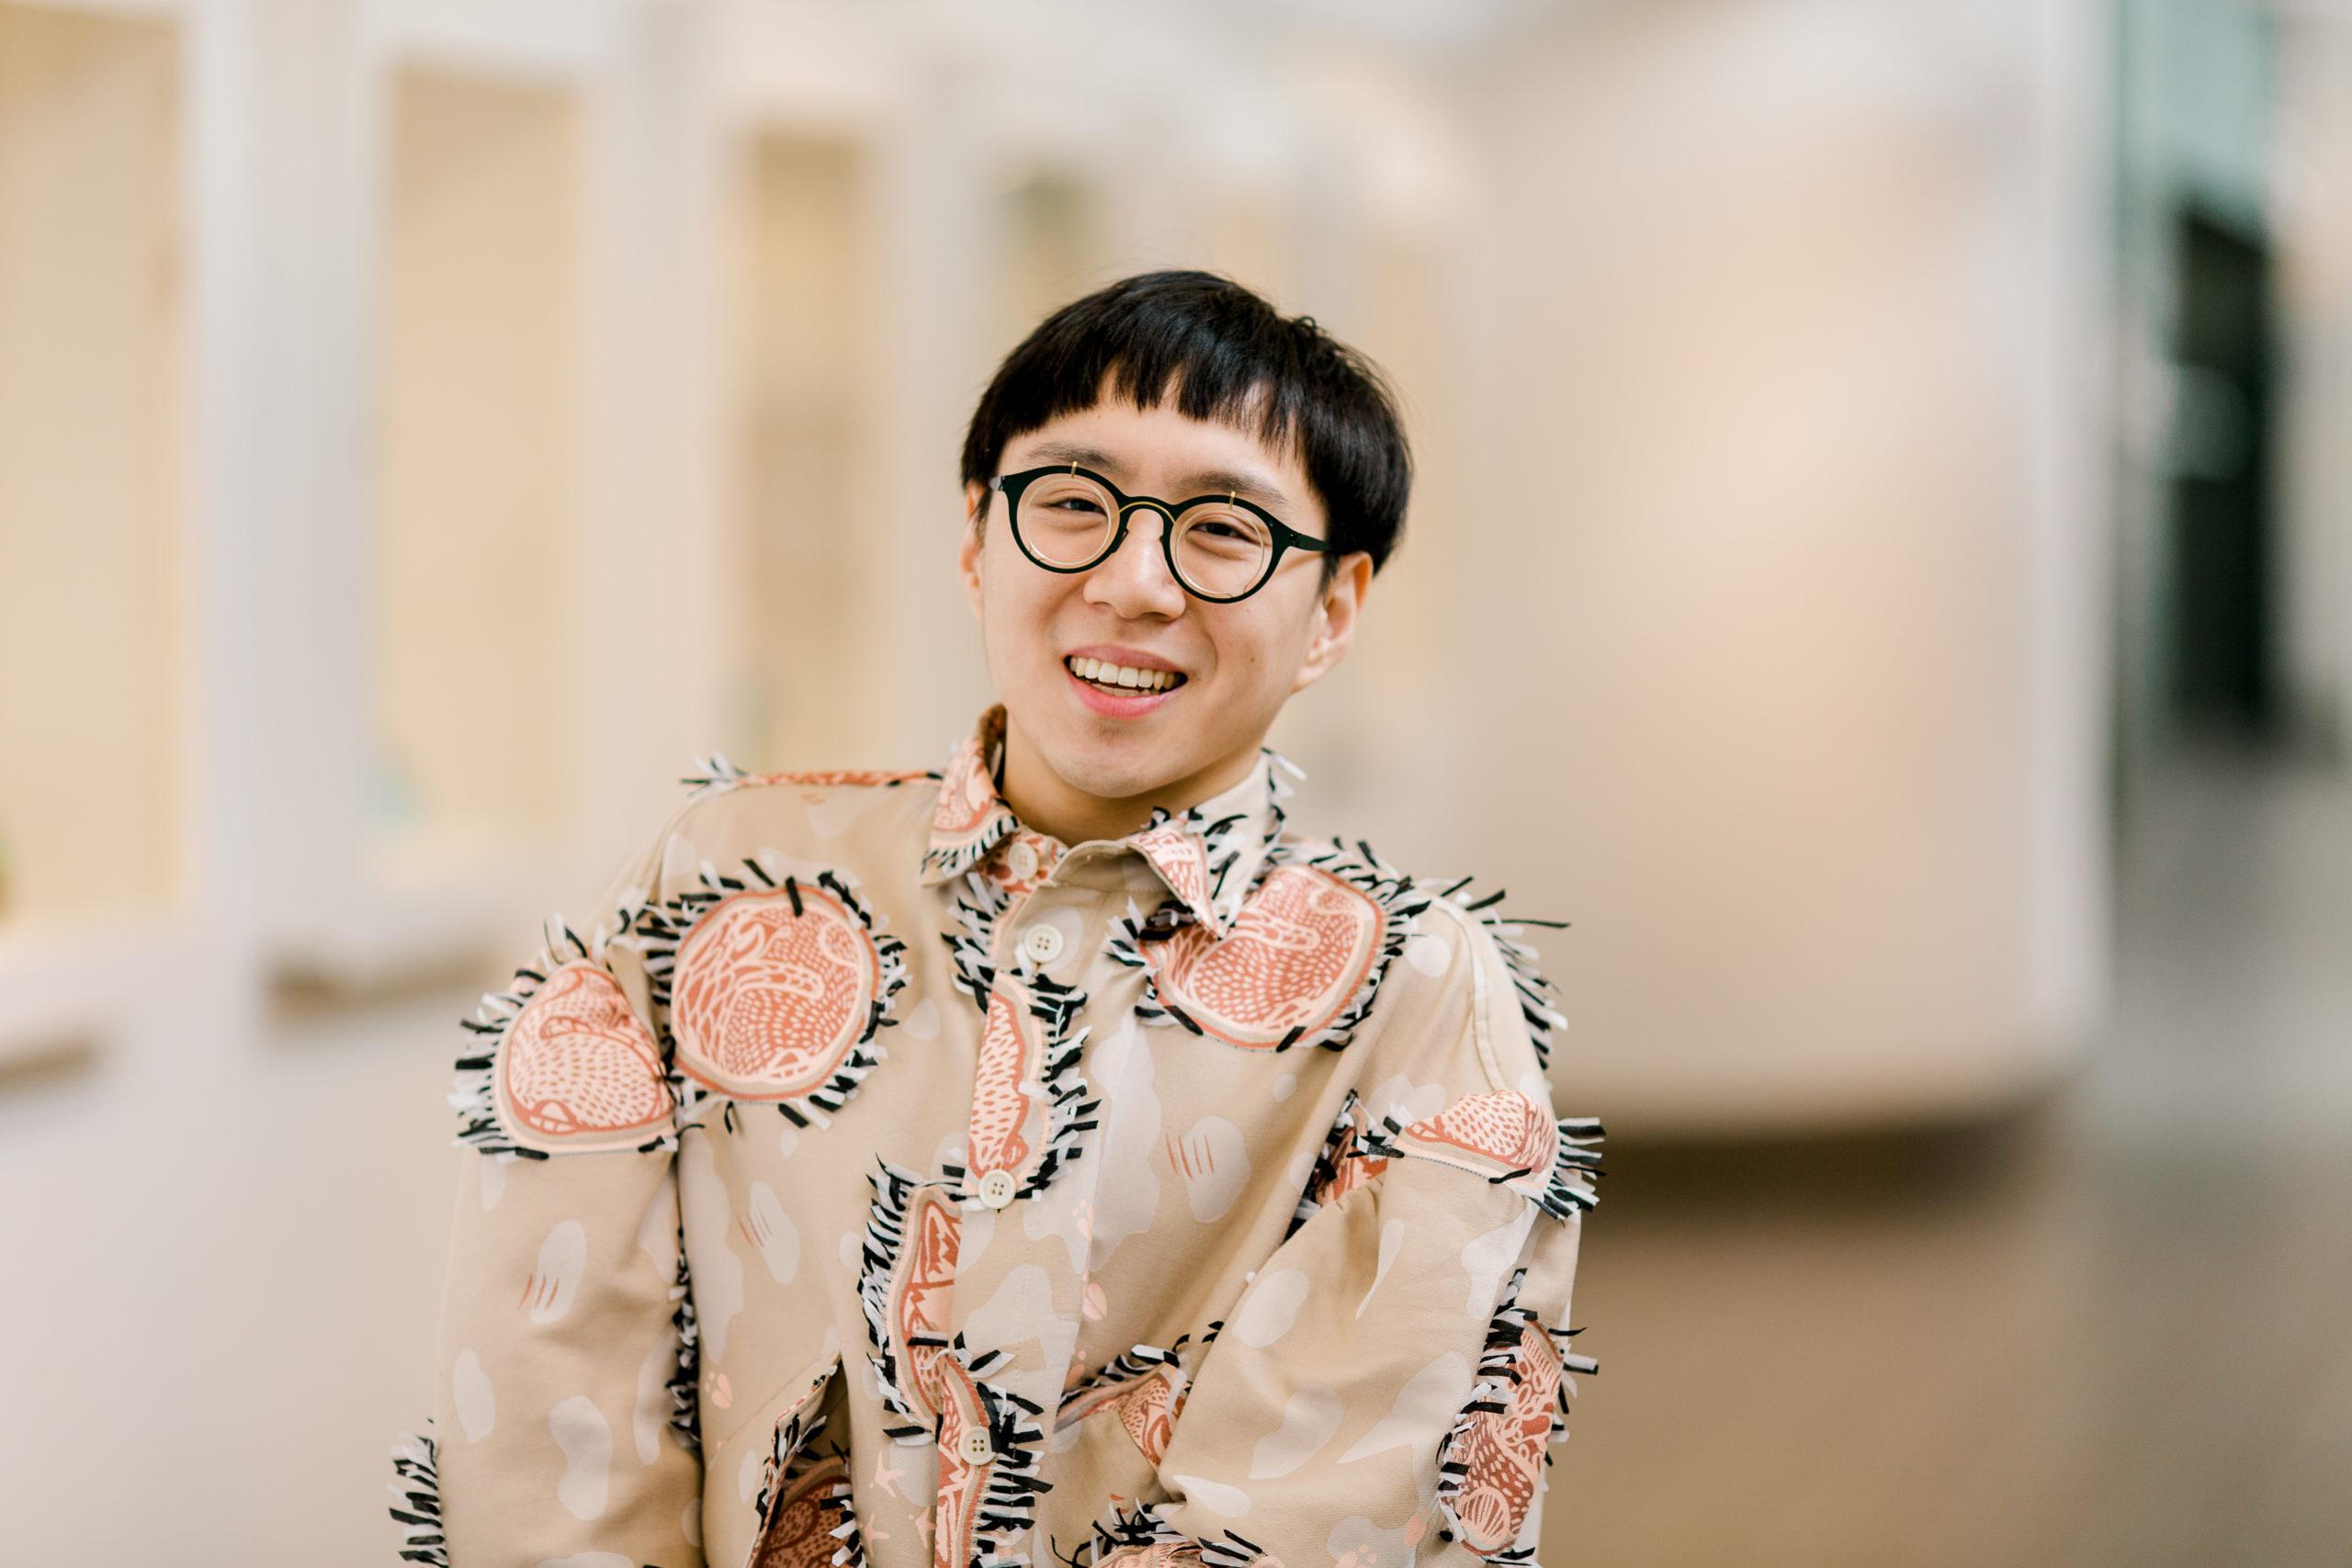 Portrait en buste d'une personne portant une chemise aux couleurs vives et des lunettes